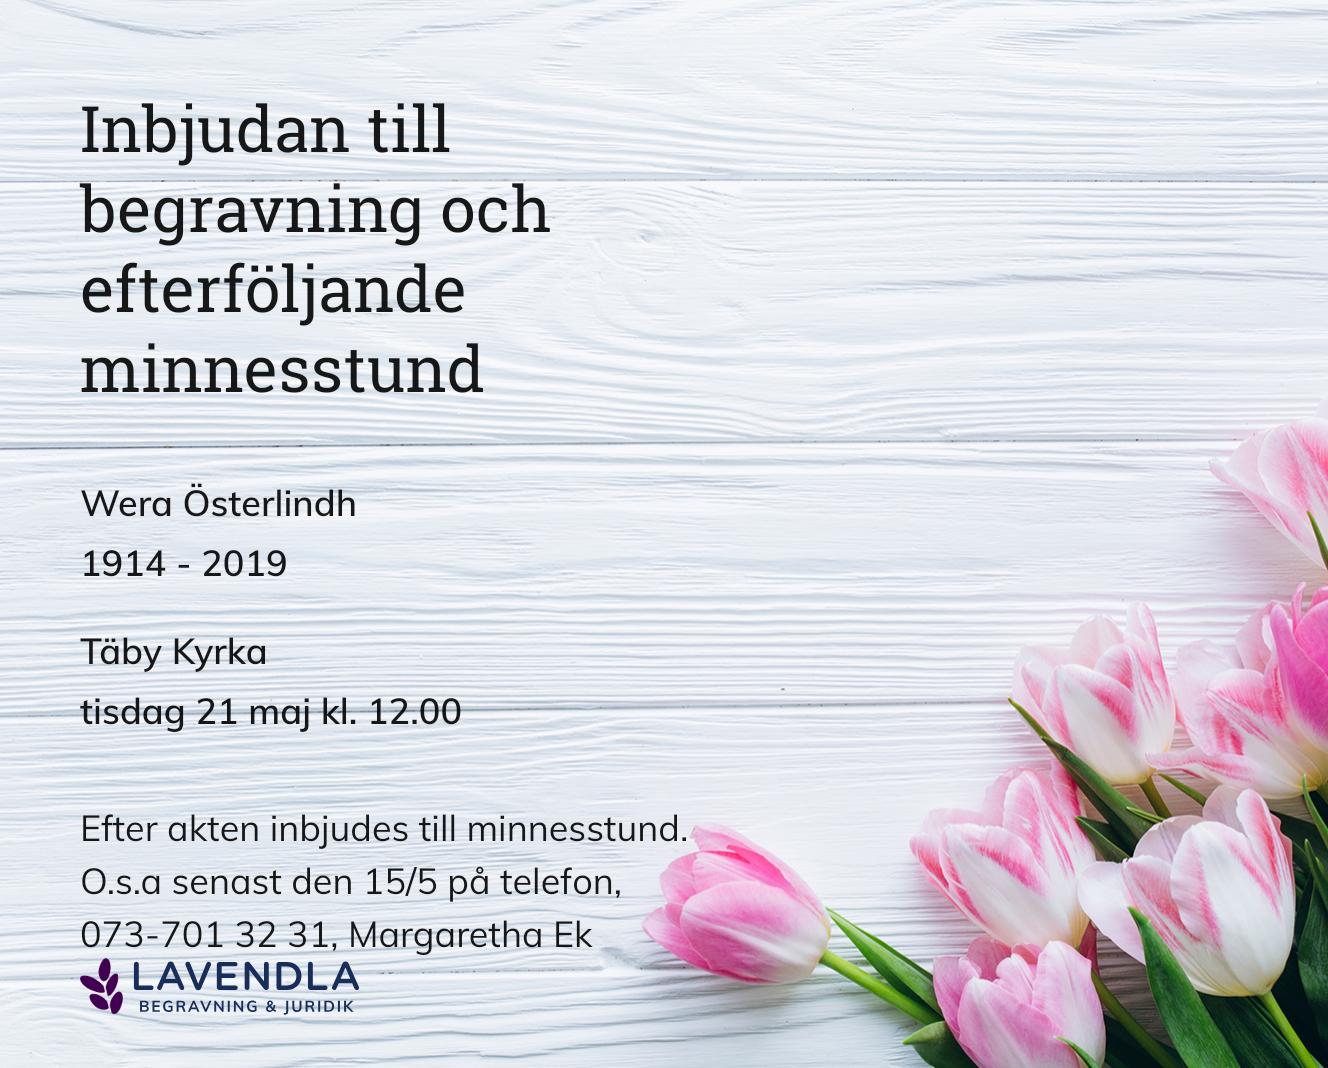 Inbjudningskort till ceremonin för Wera Österlindh